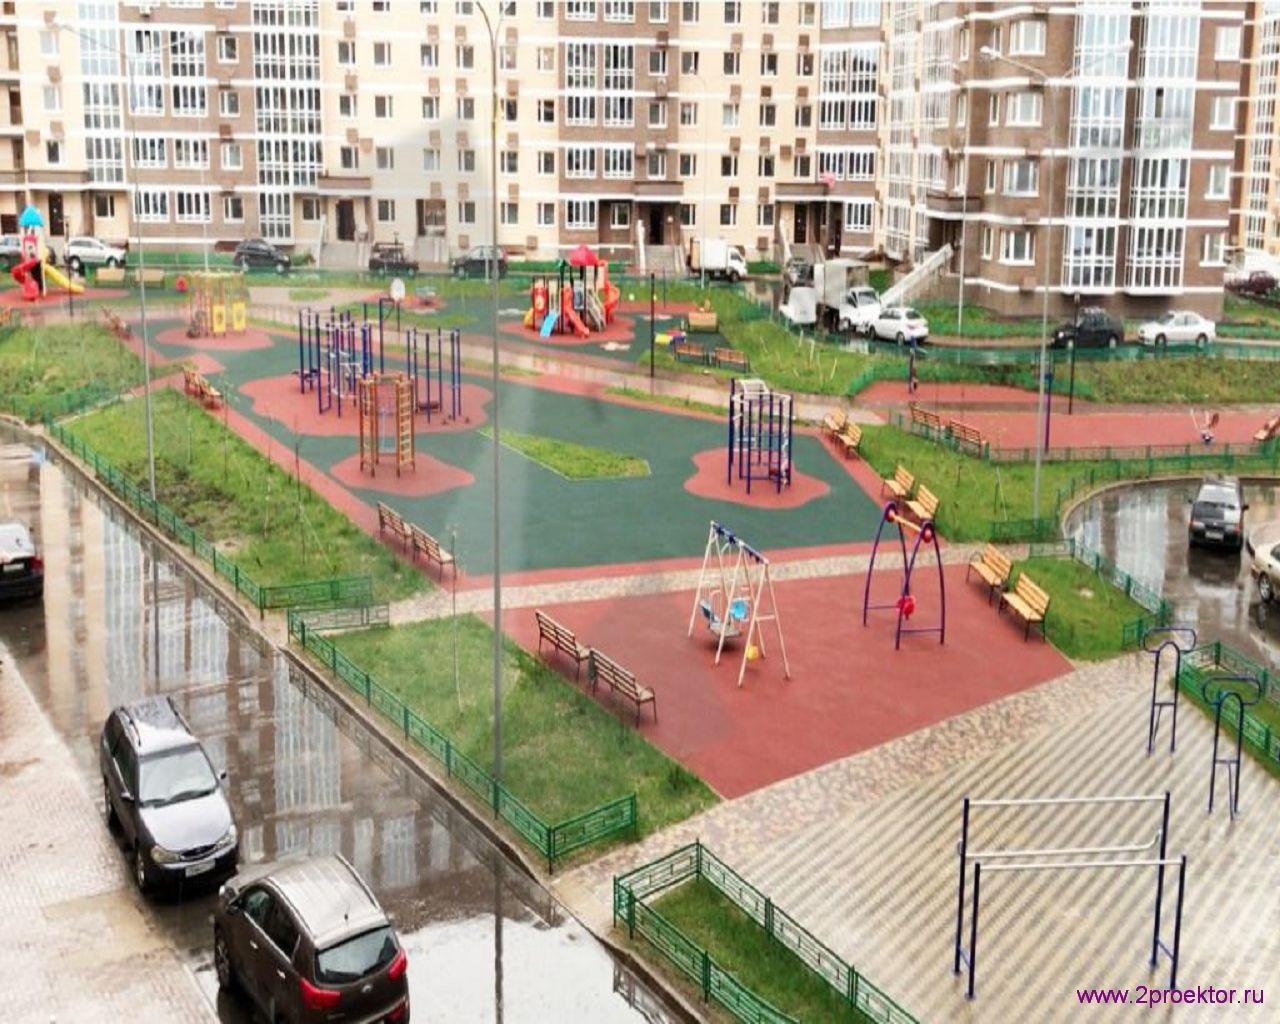 Площадка Жилого комплекса Юго-Западный.